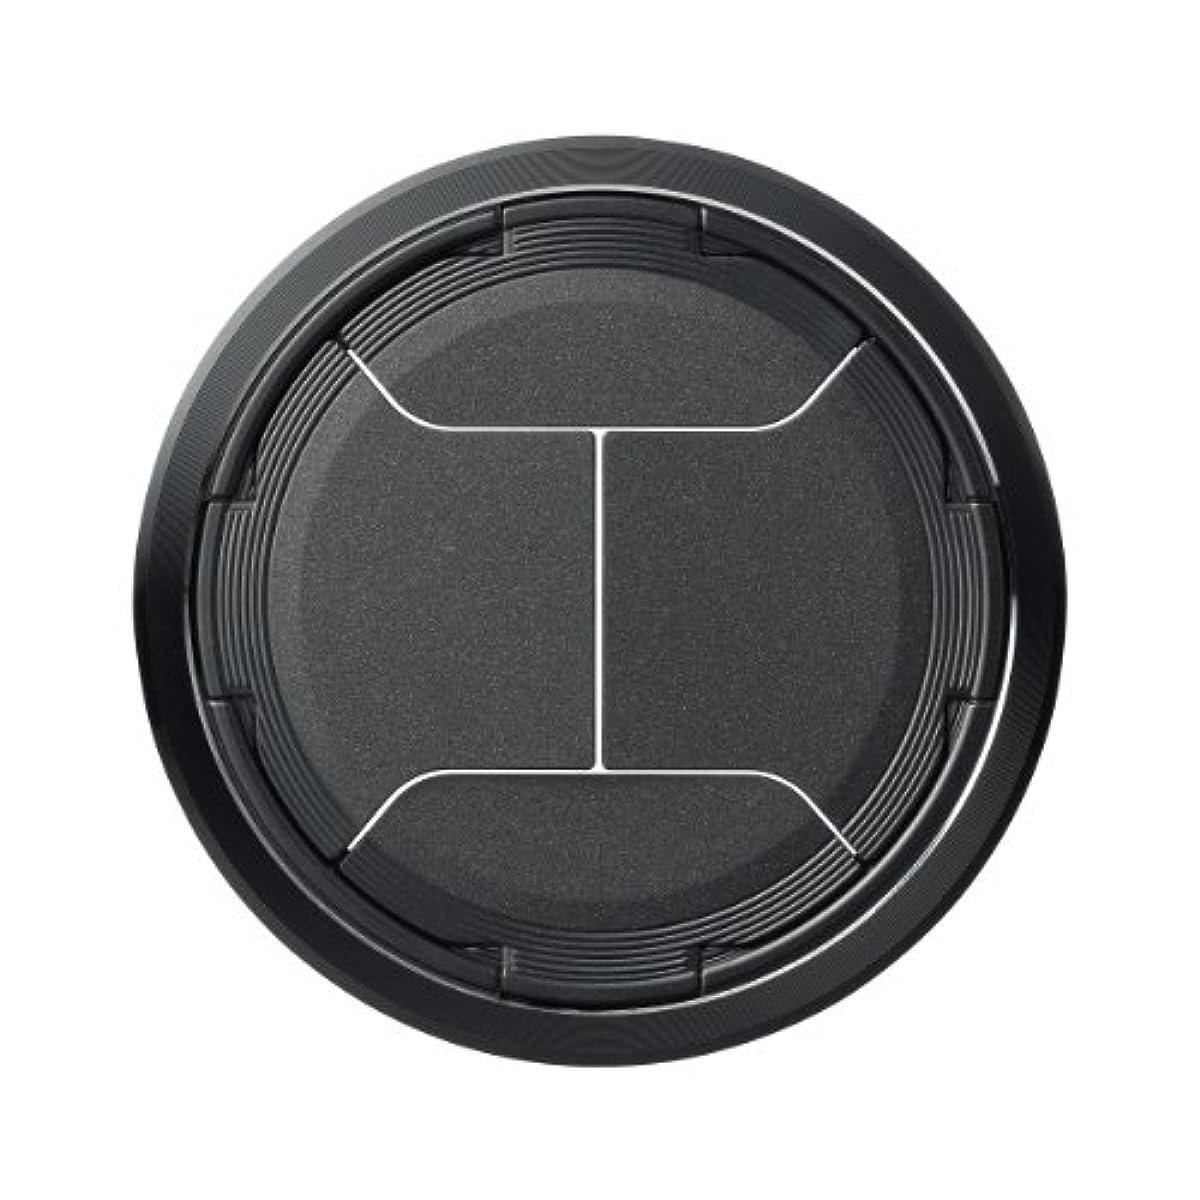 [해외] 올림푸스 자동 개폐 렌즈캡 XZ-1/XZ-2용 LC-63A